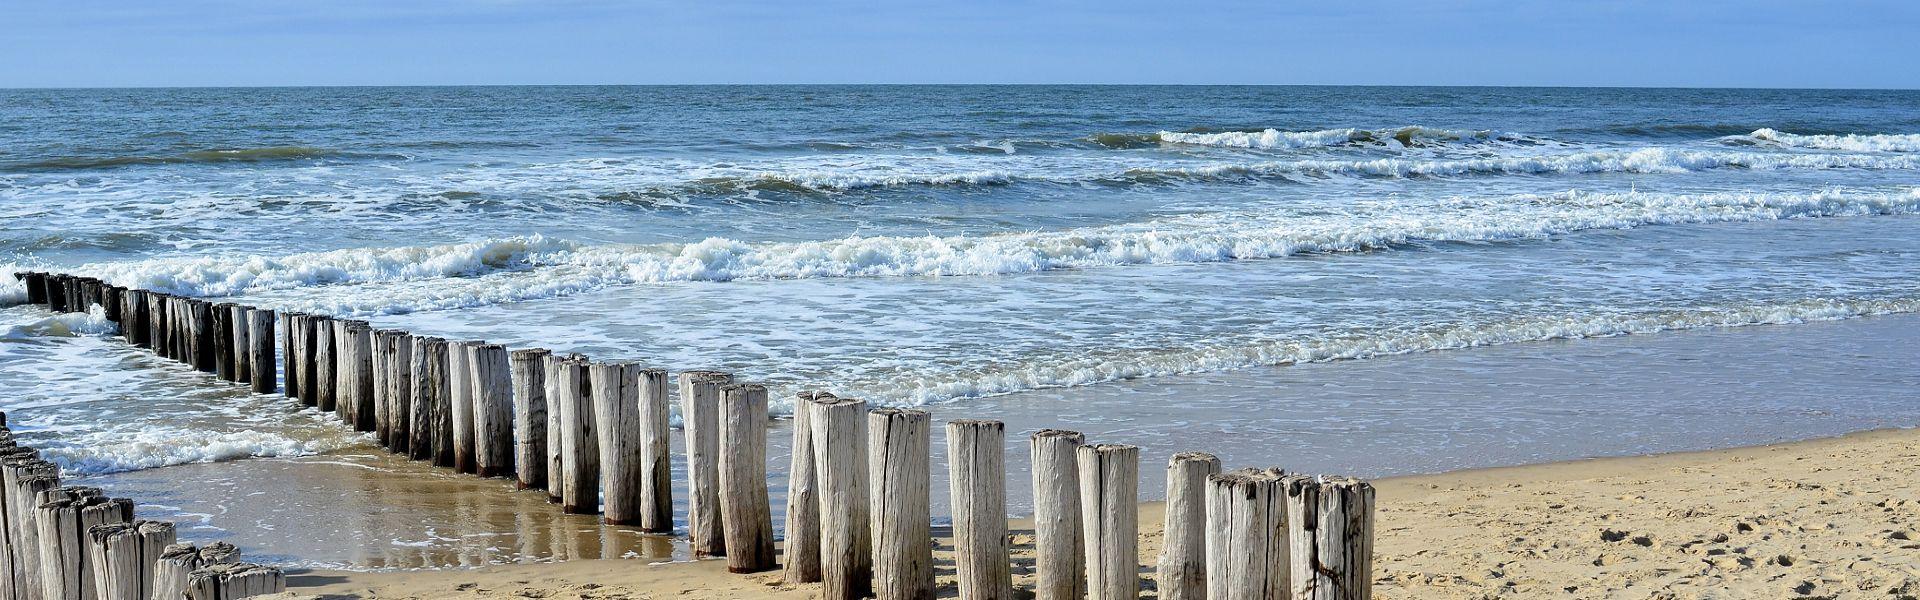 zee strand zeeuws-vlaanderen